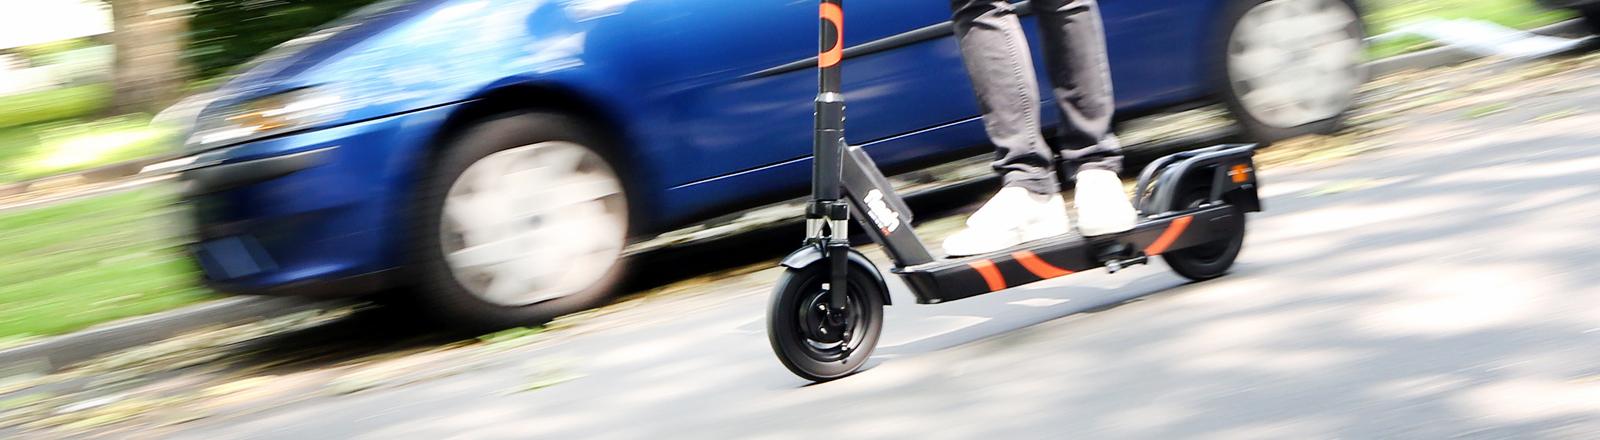 In Herne dürfen die ersten E-Scooter fahren.